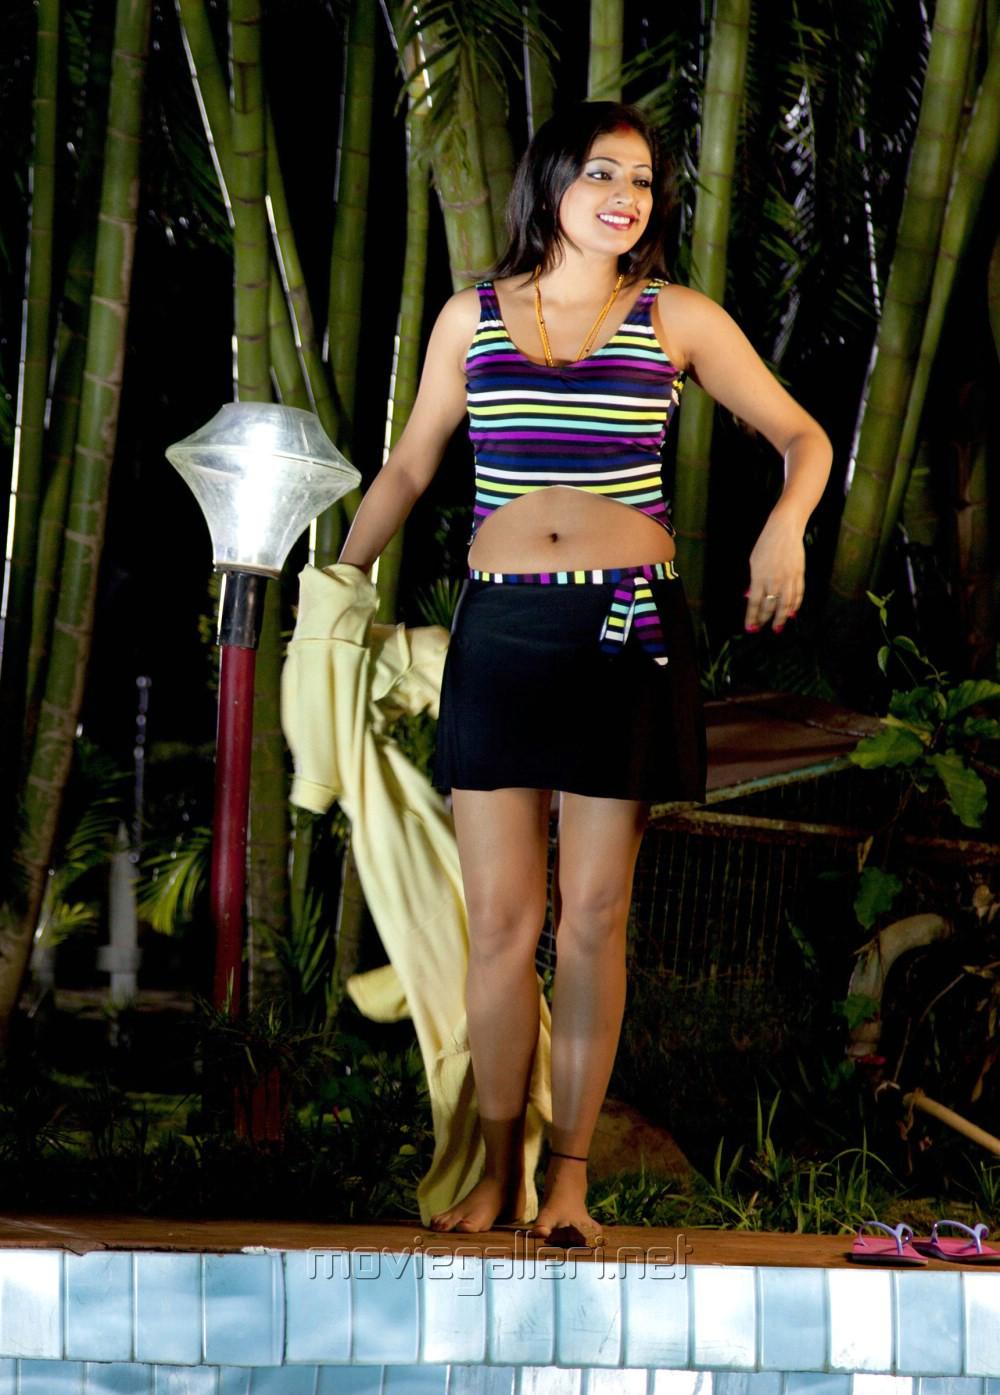 Atharvanam Actress Haripriya Hot in Swimming Pool Pics